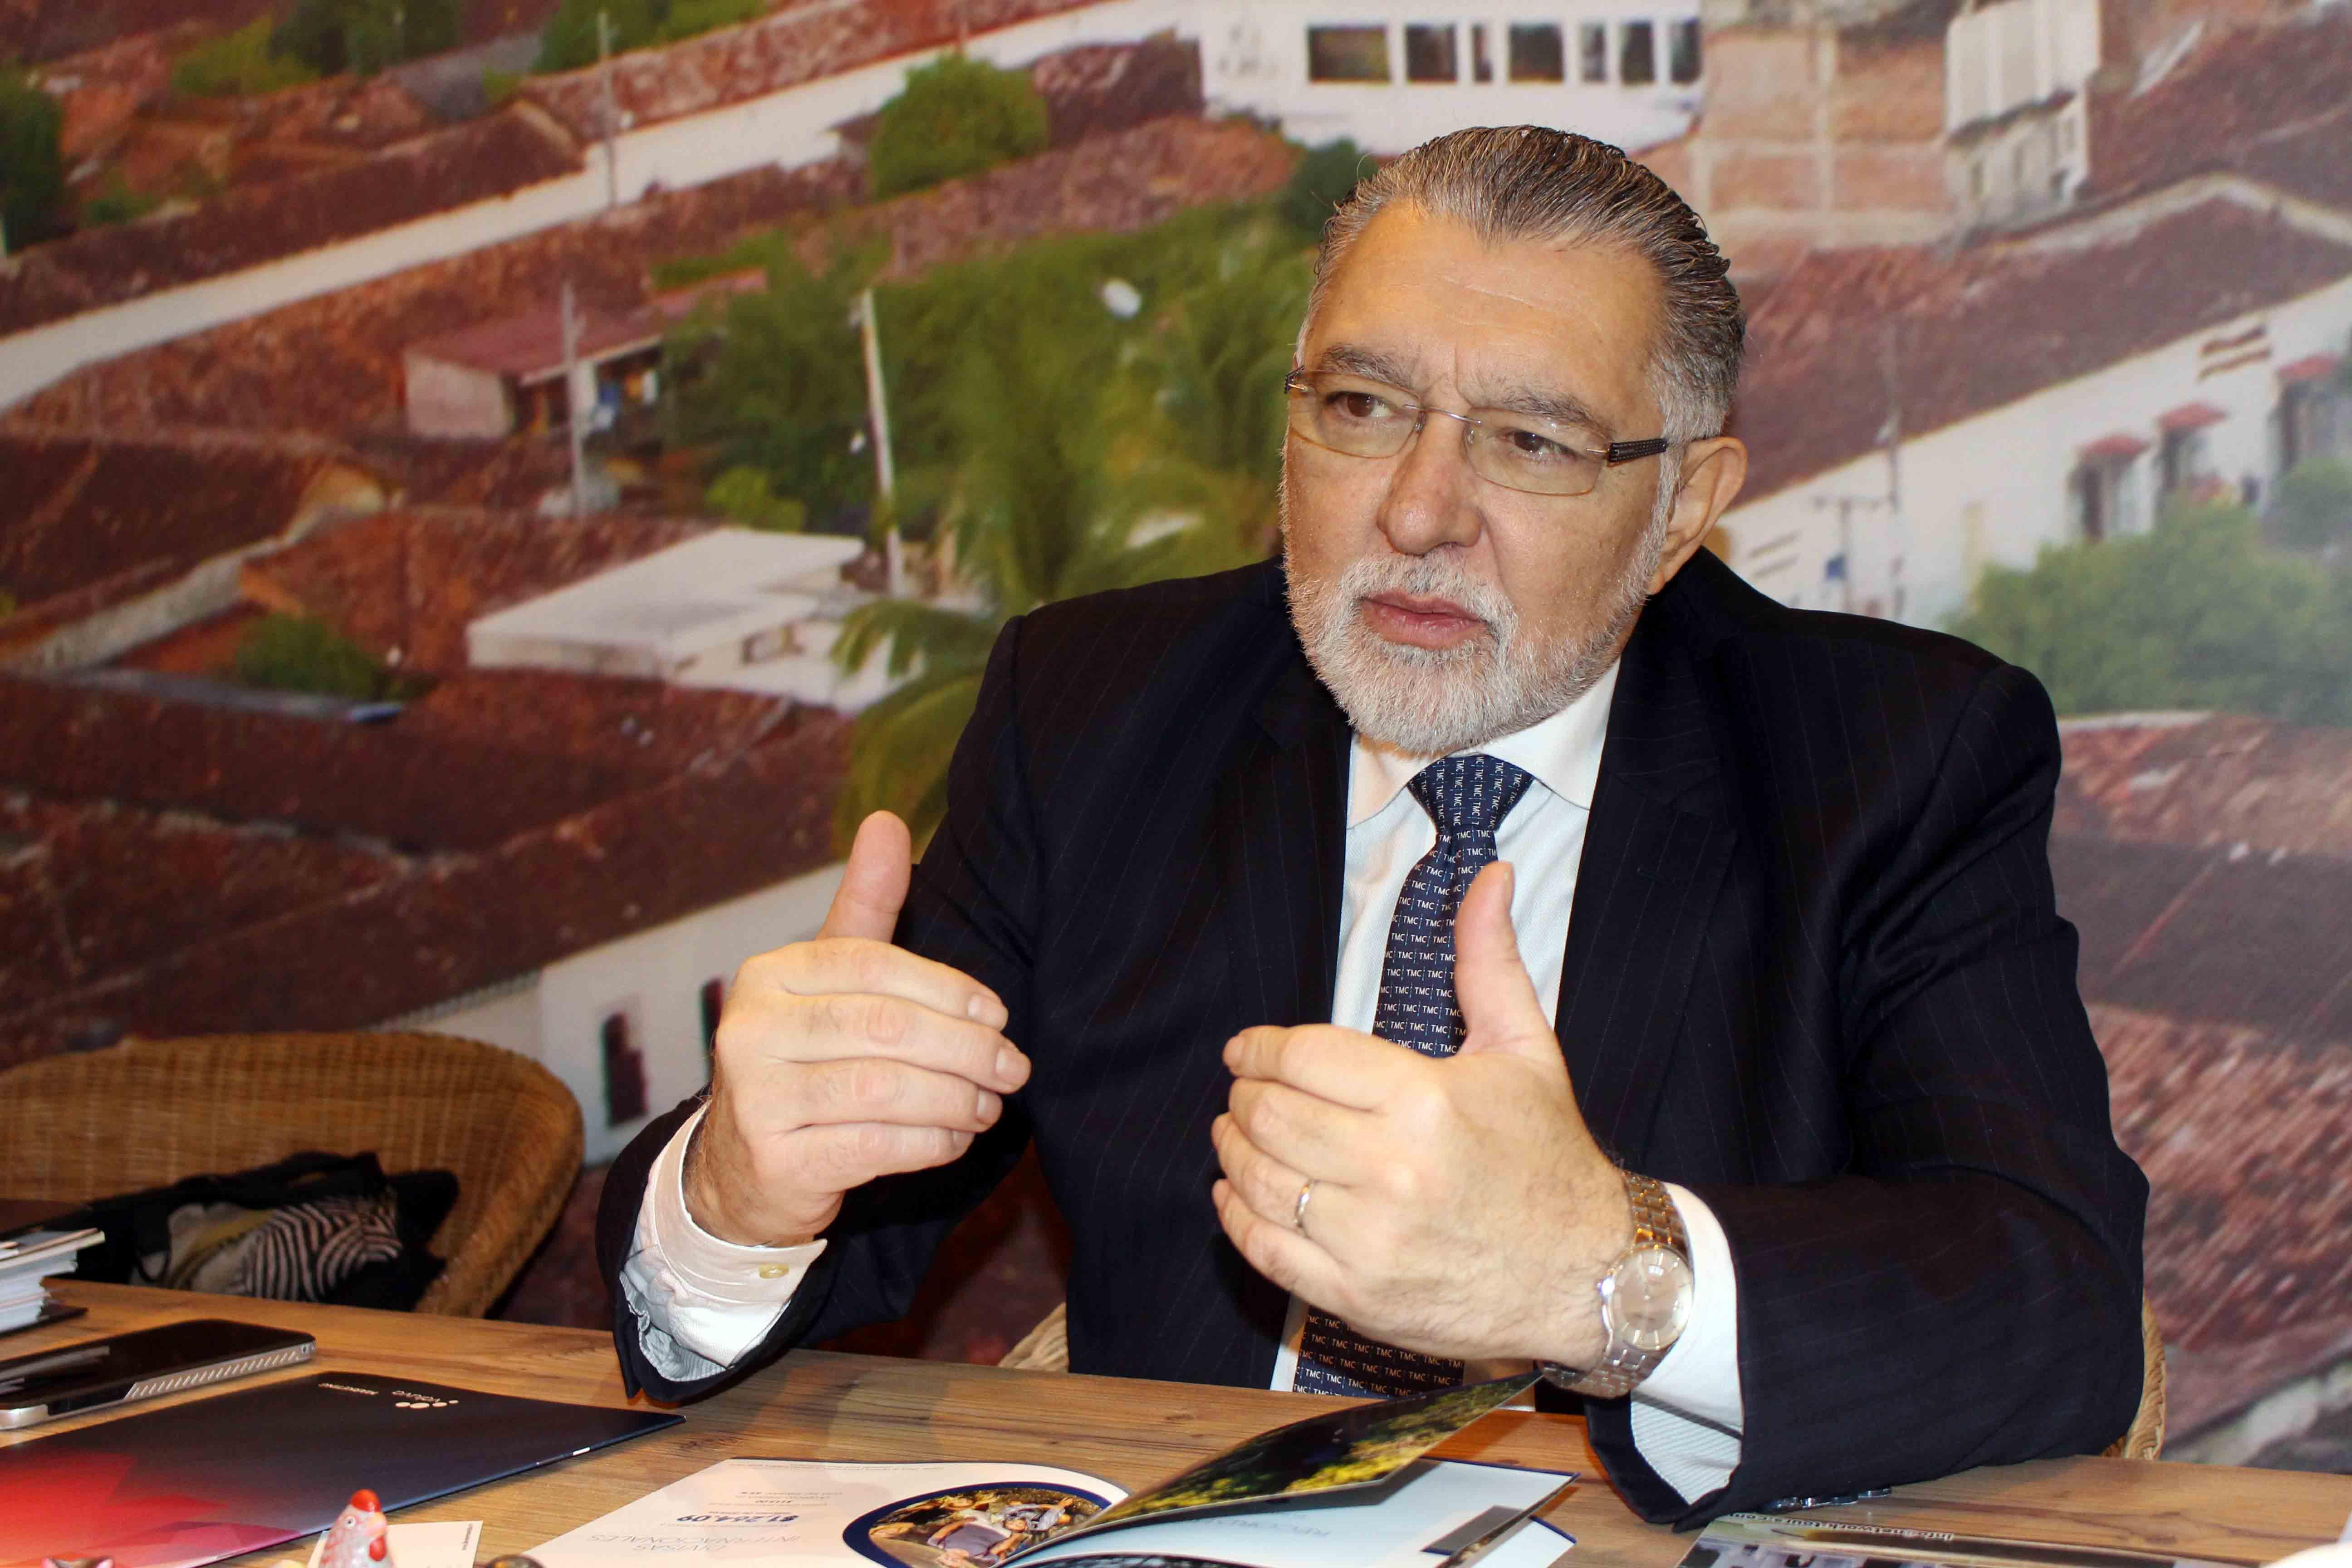 El Salvador recibió unos 70.000 turistas españoles tan sólo a través de Iberia.